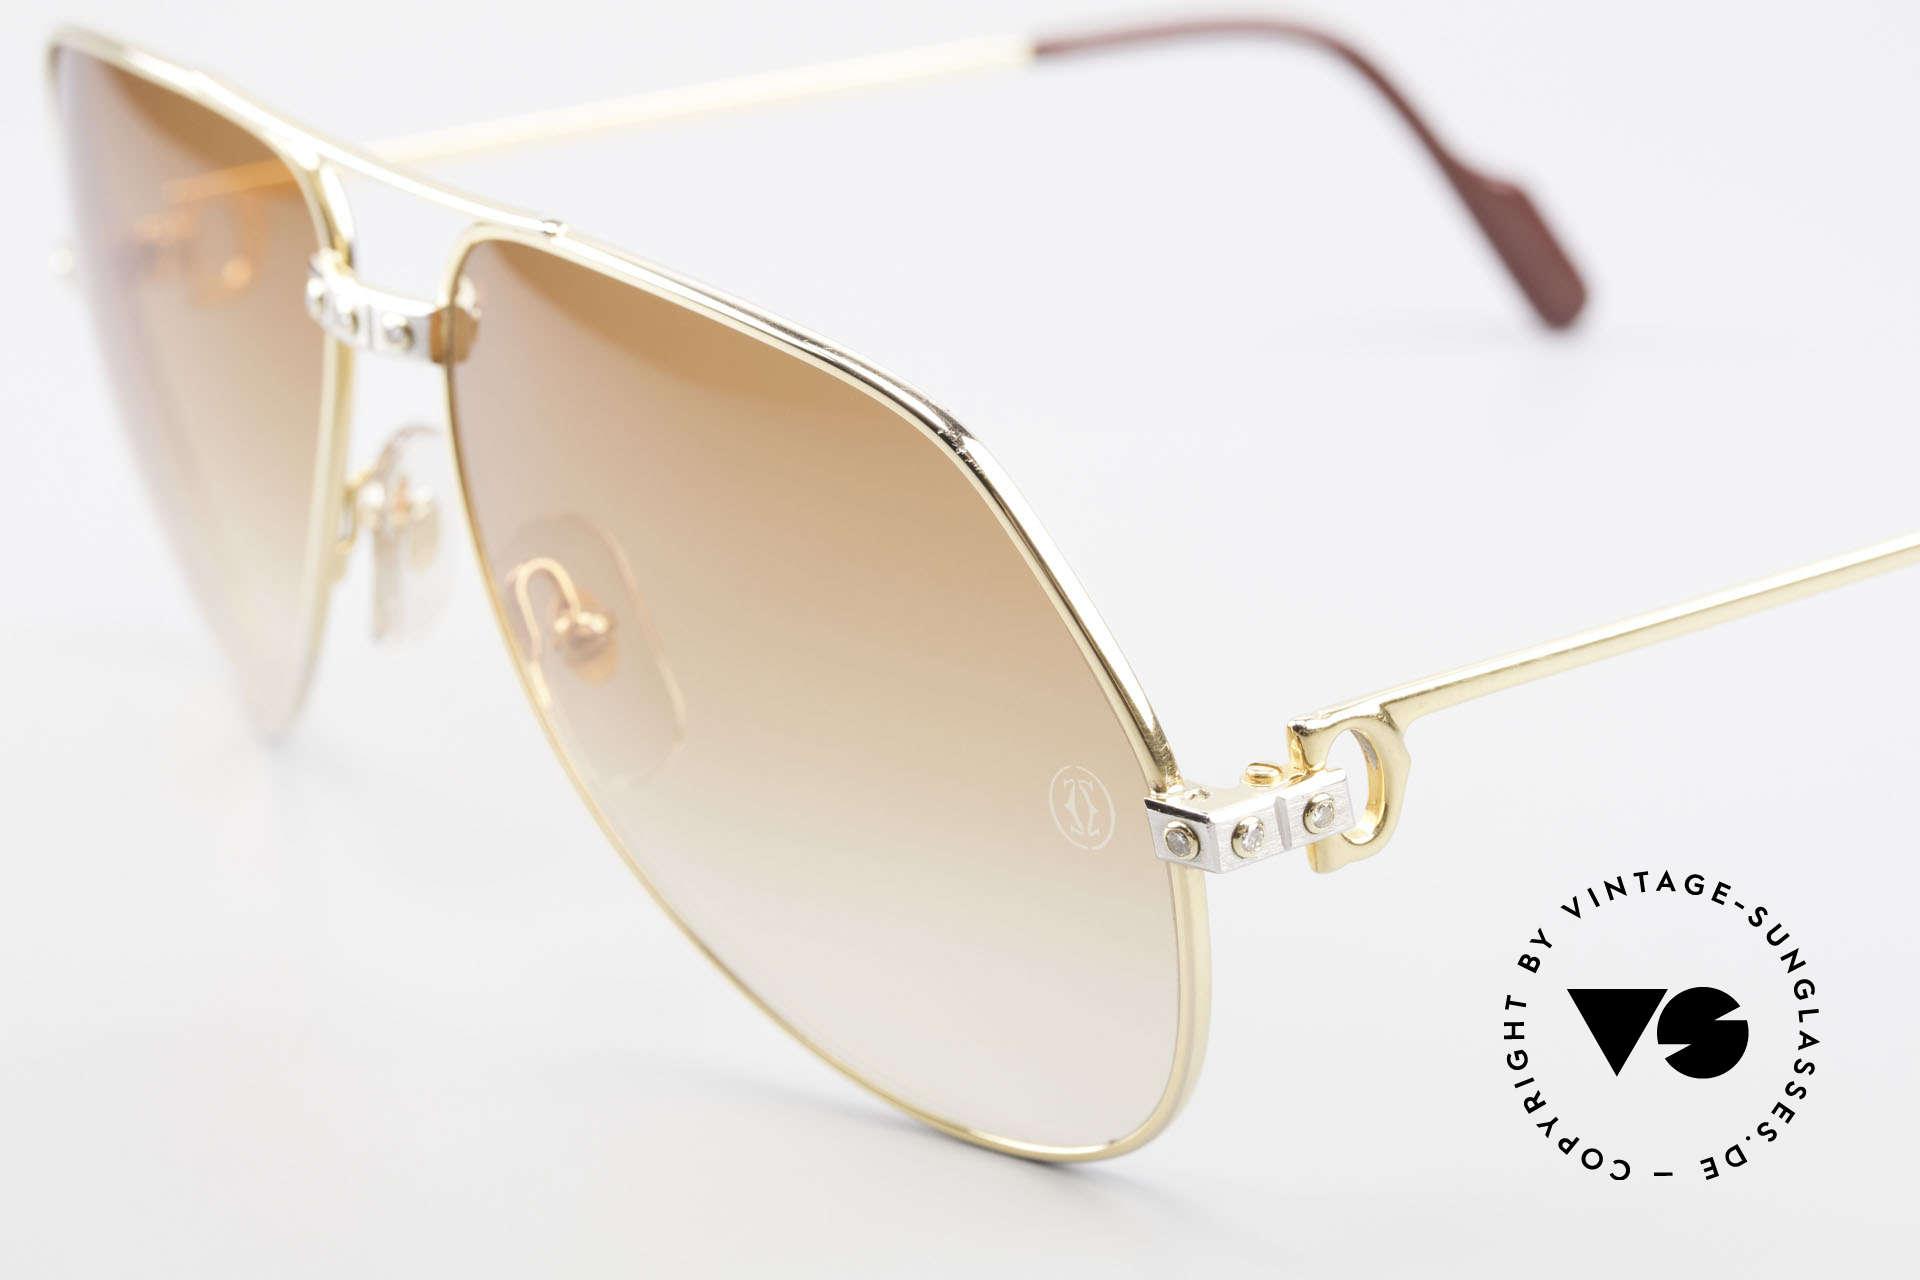 Cartier Vendome Santos - L Luxus Diamanten Sonnenbrille, jeder Diamant ist einzeln gefasst (in Summe ca. 1 Karat), Passend für Herren